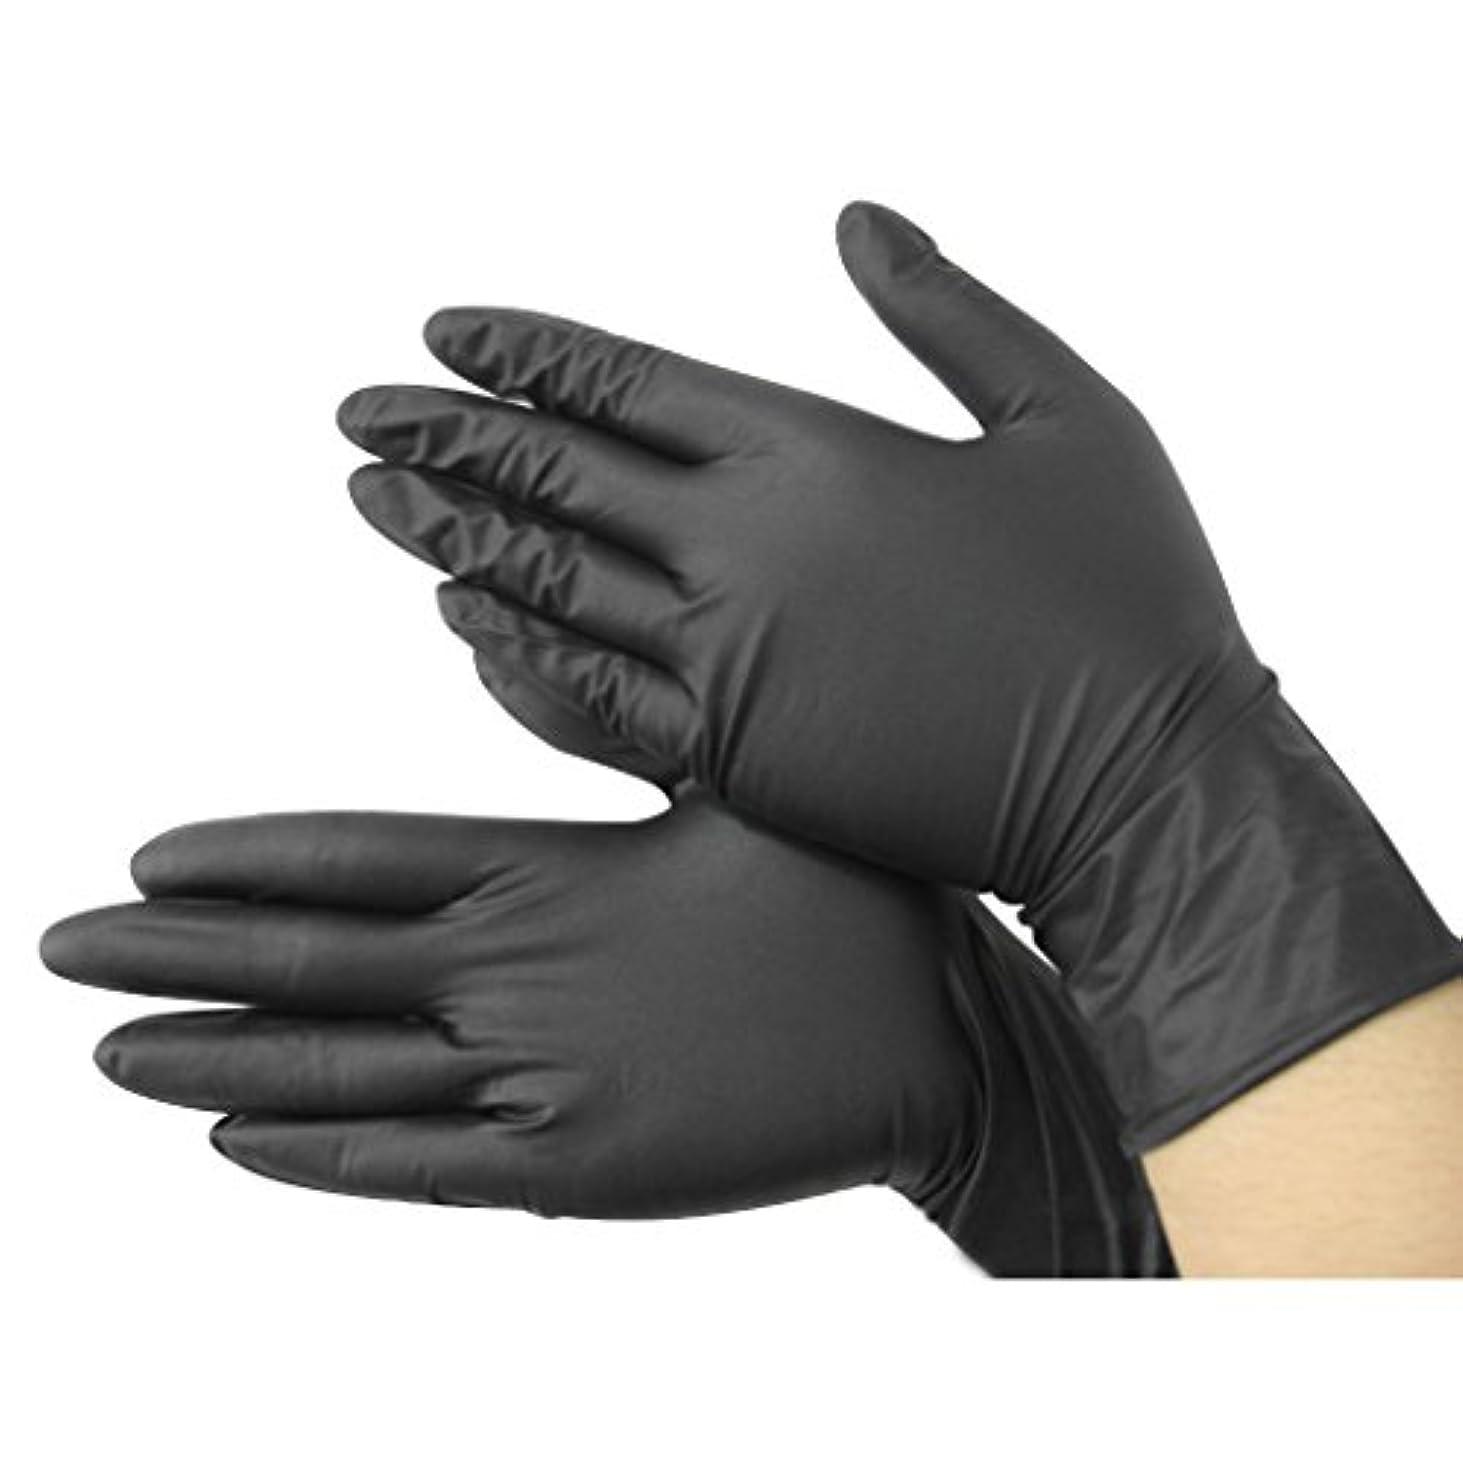 水星息切れ気絶させるGaoominy 黒いニトリル使い捨てクール手袋 パワーフリーX100 - 入れ墨 - メカニック 新しい